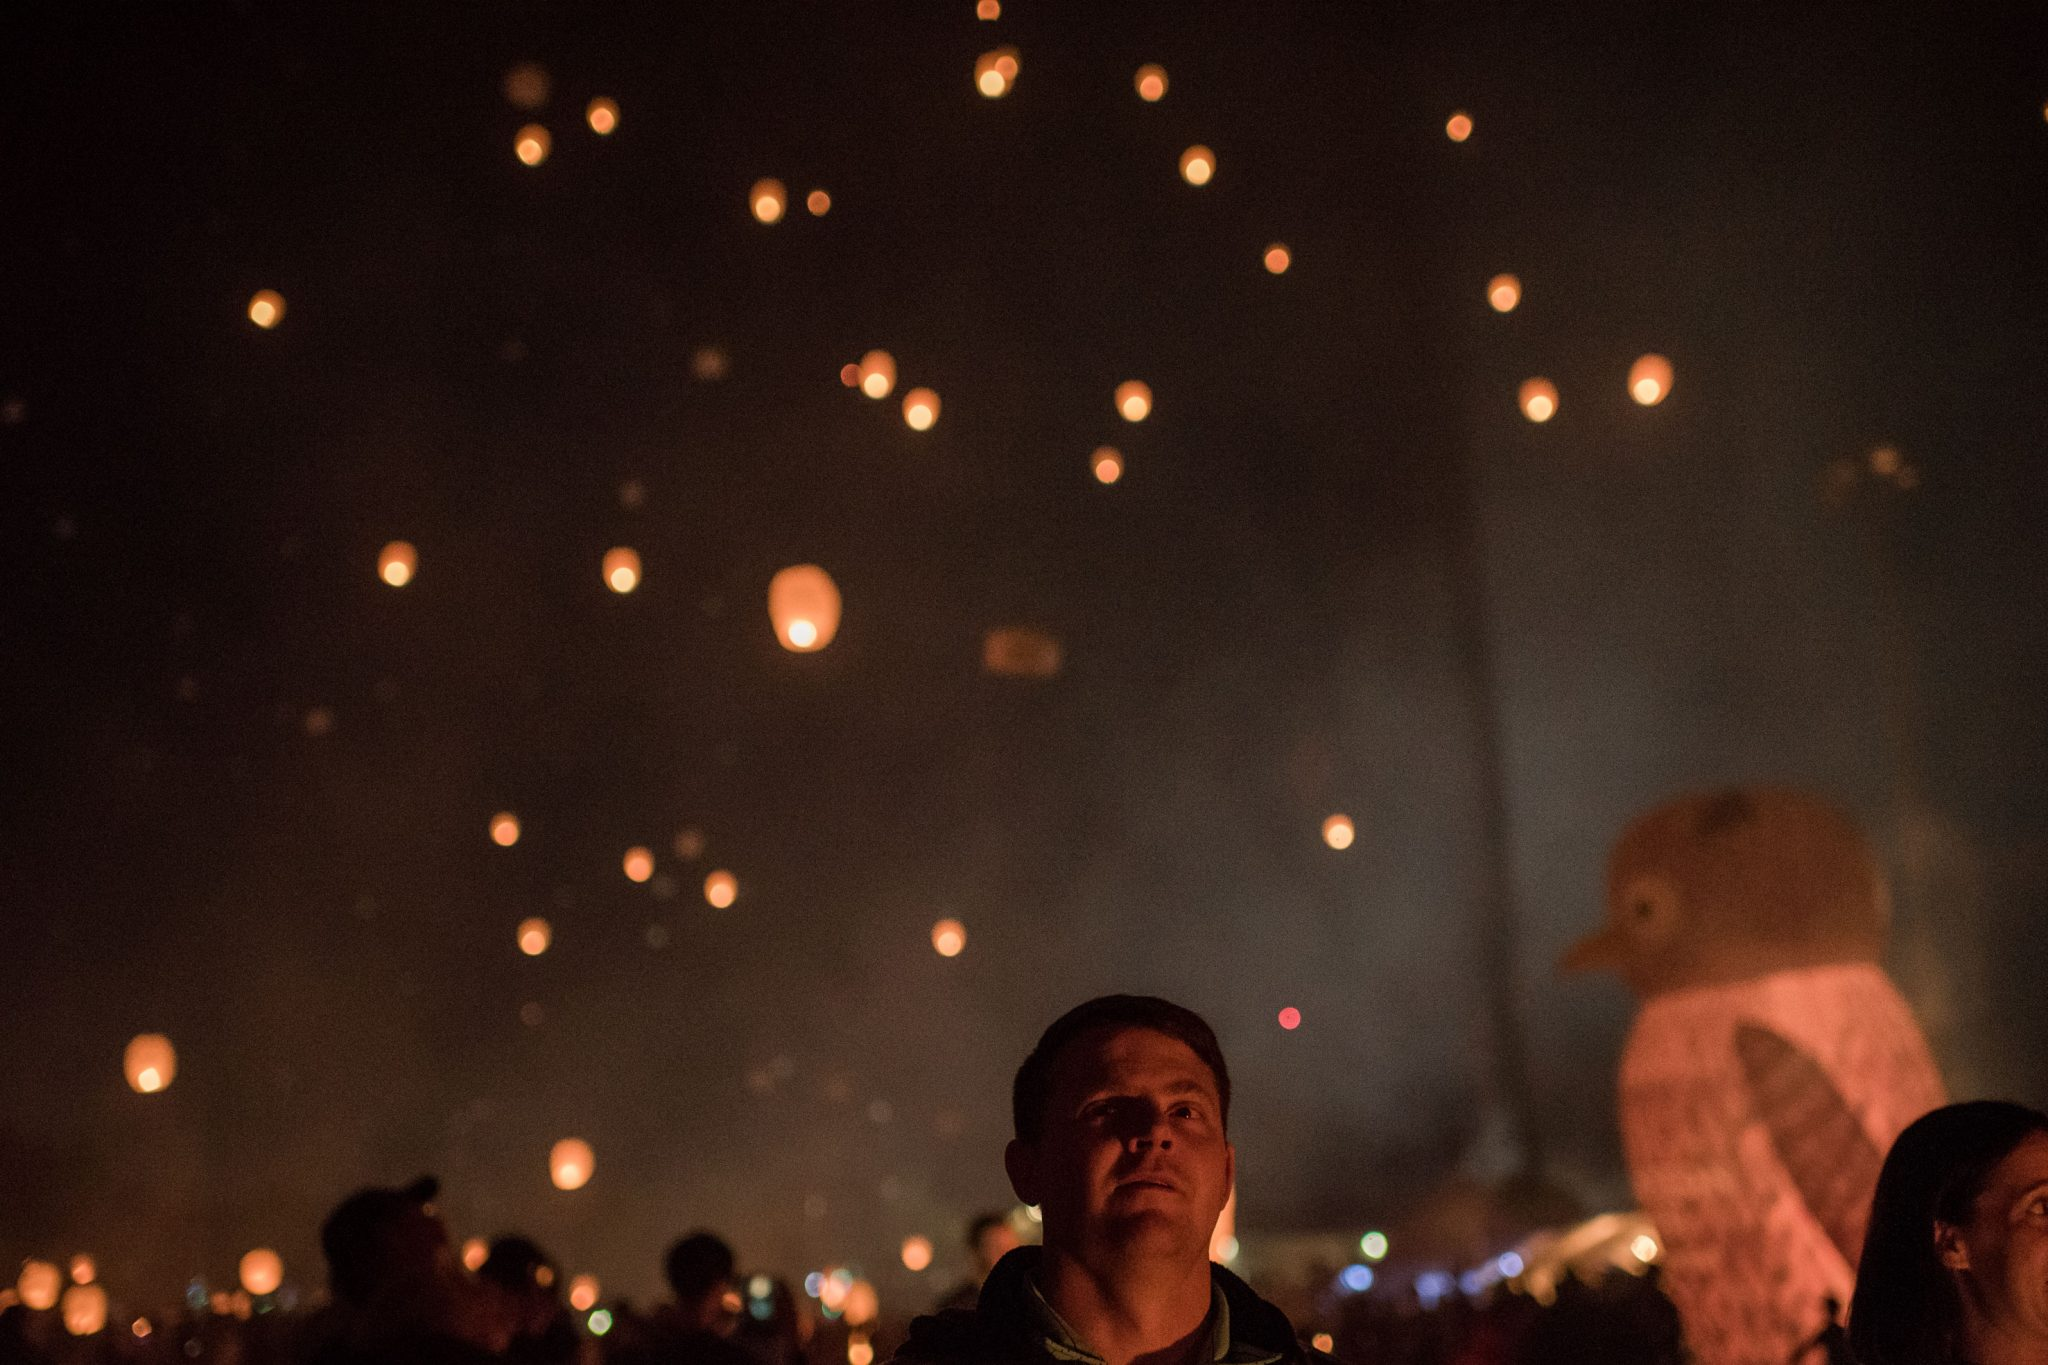 dad watching lanterns